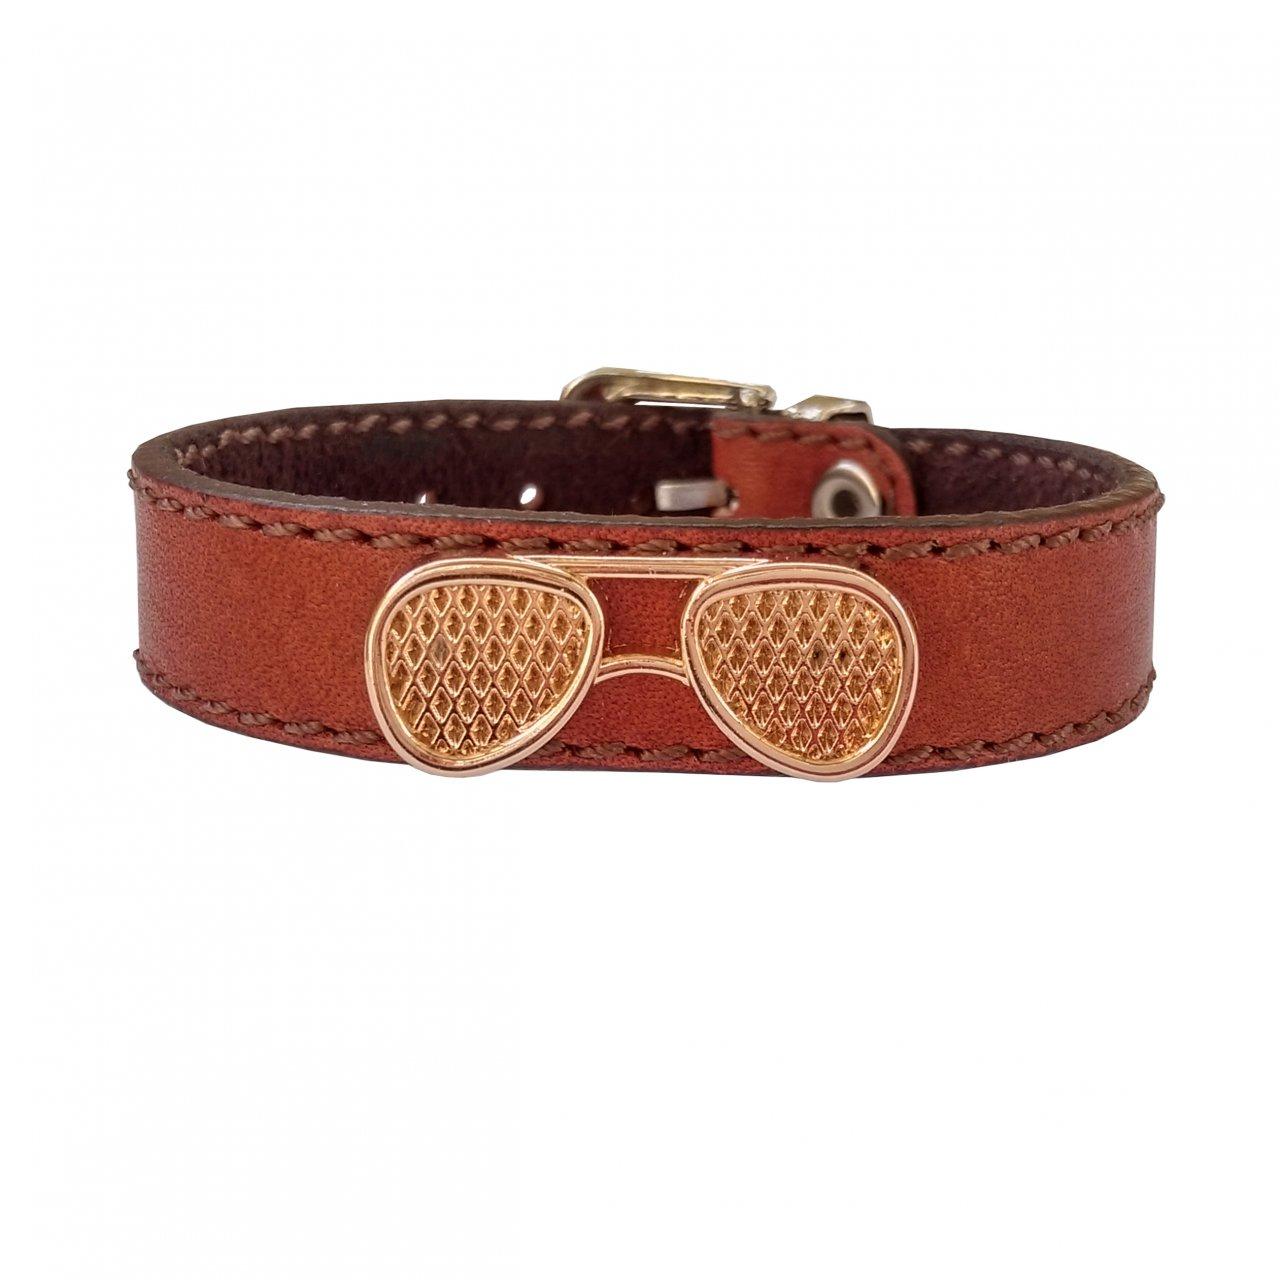 دستبند چرم وارک مدل پرهام کد rb37